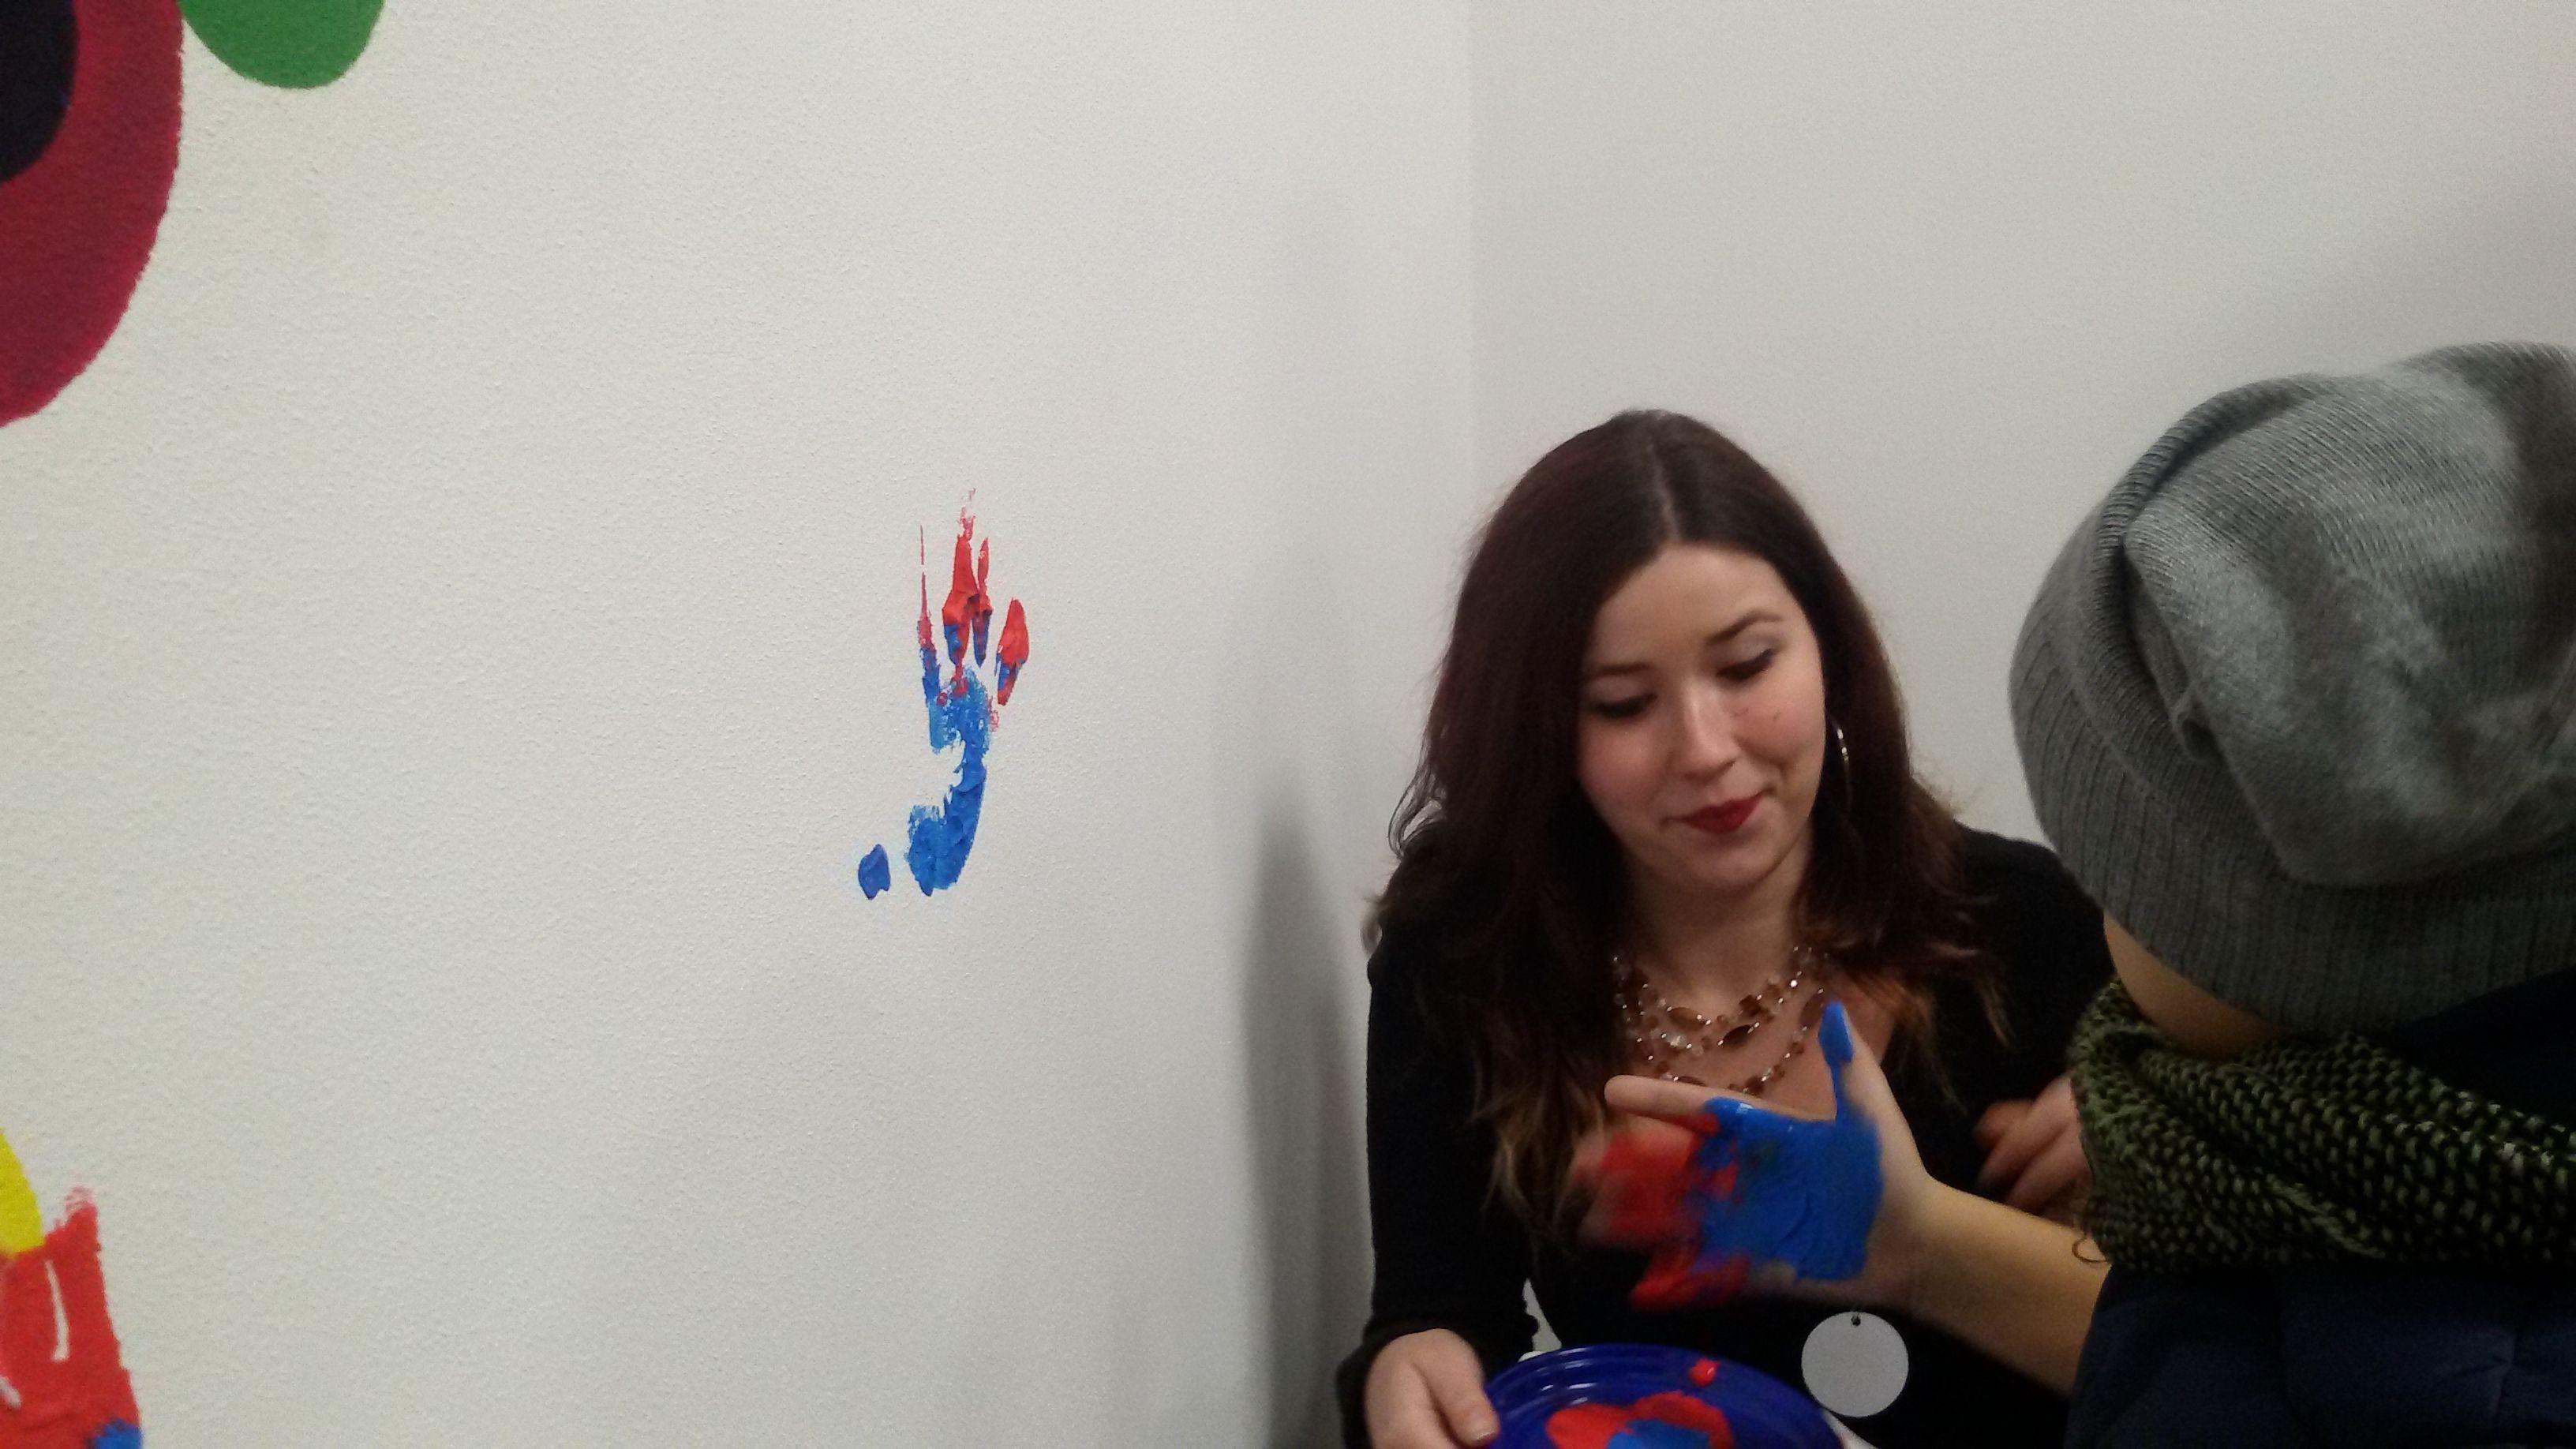 I bambini, con l'aiuto delle studentesse del liceo artistico, lasciano l'impronta delle loro mani sul muro. Liceo artistico Stagio Stagi Pietrasanta